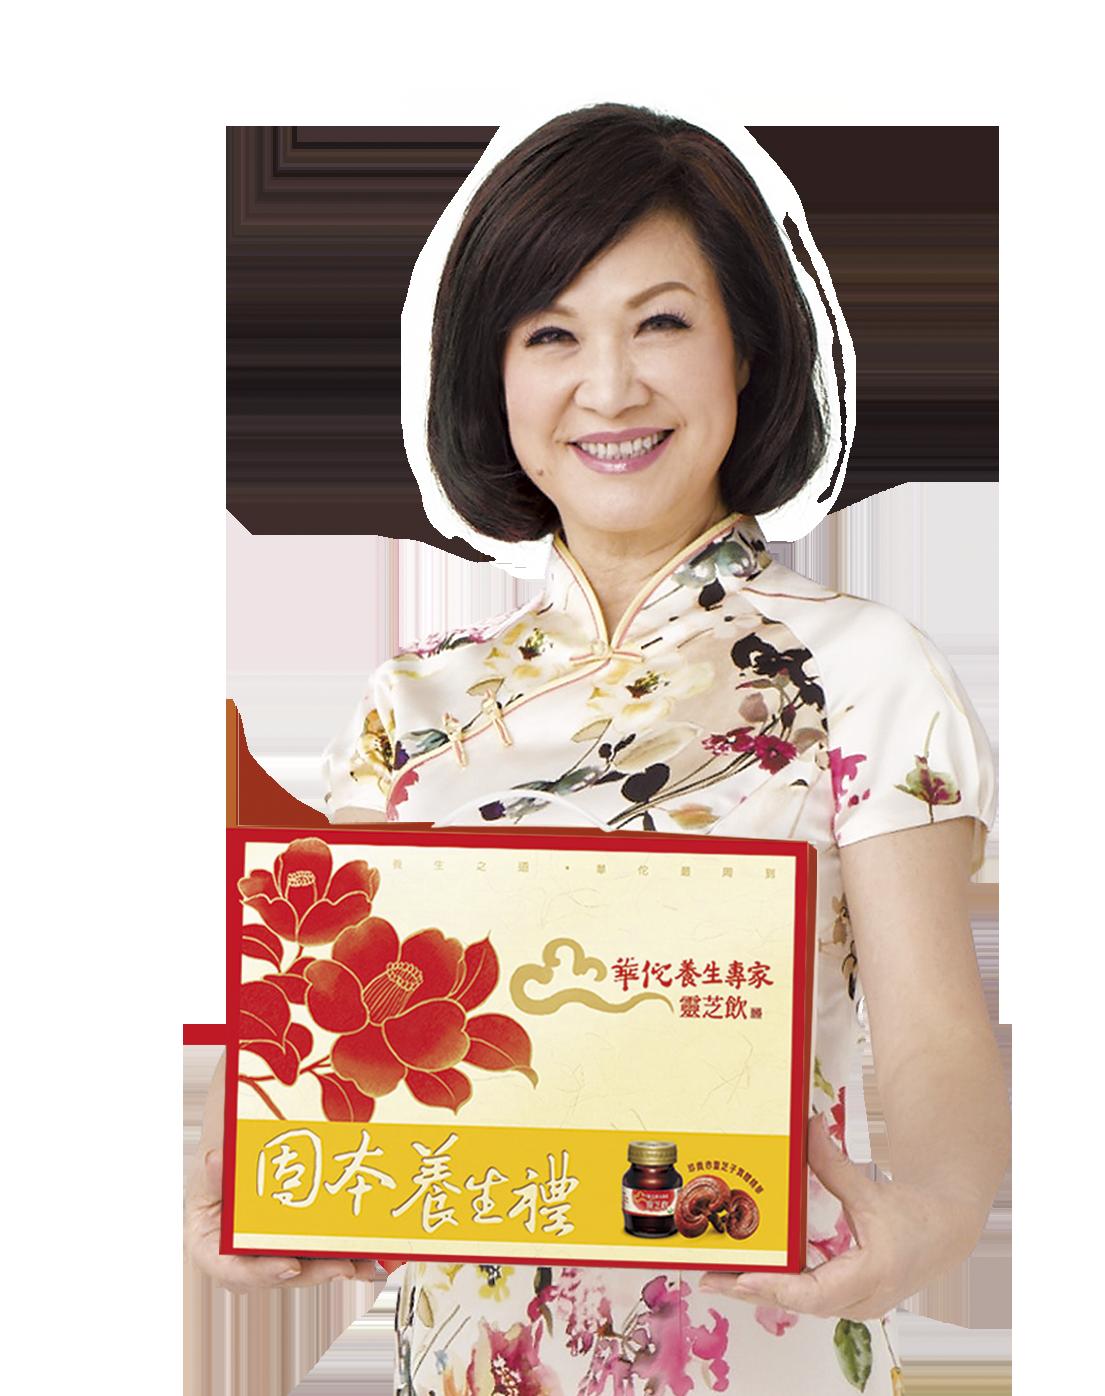 母親節最實在的好禮 藥膳達人秋香老師首推漢方「華佗養生專家靈芝飲」